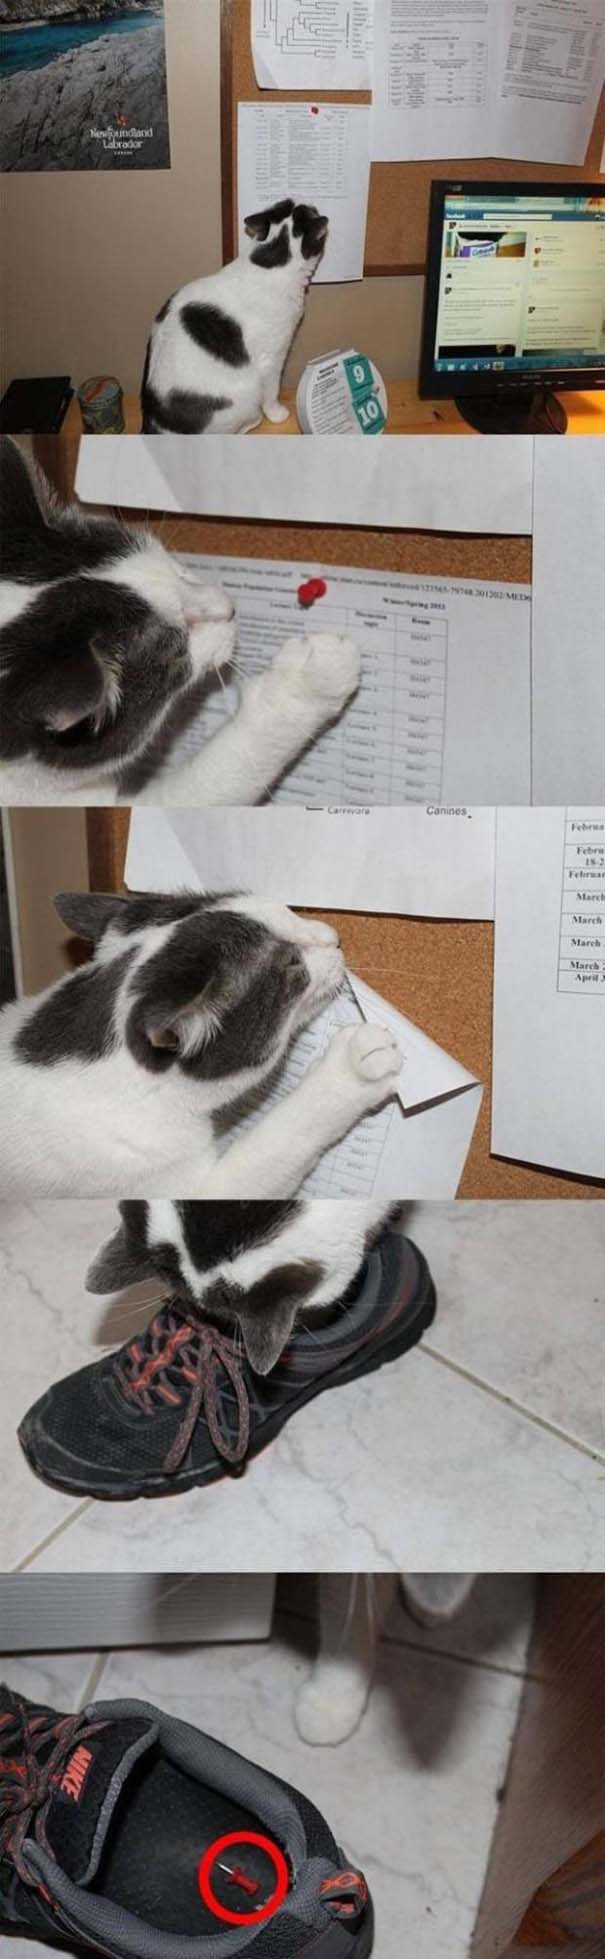 Γάτες που... κάνουν τα δικά τους! #45 (9)